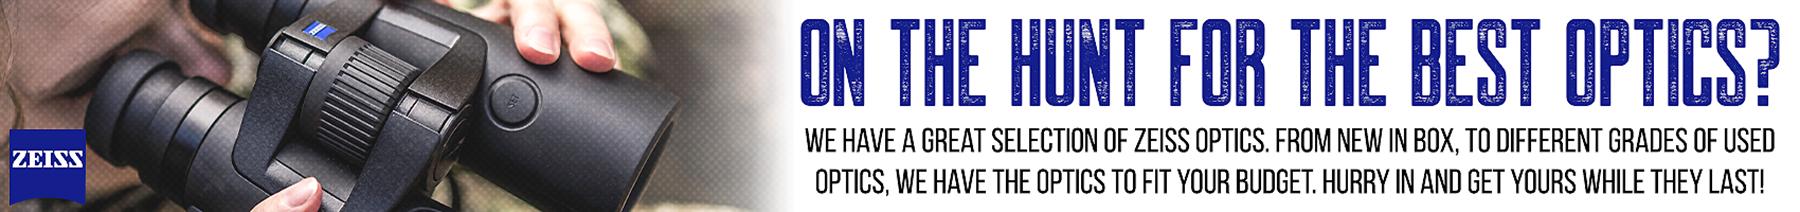 Zeiss Optics Sale